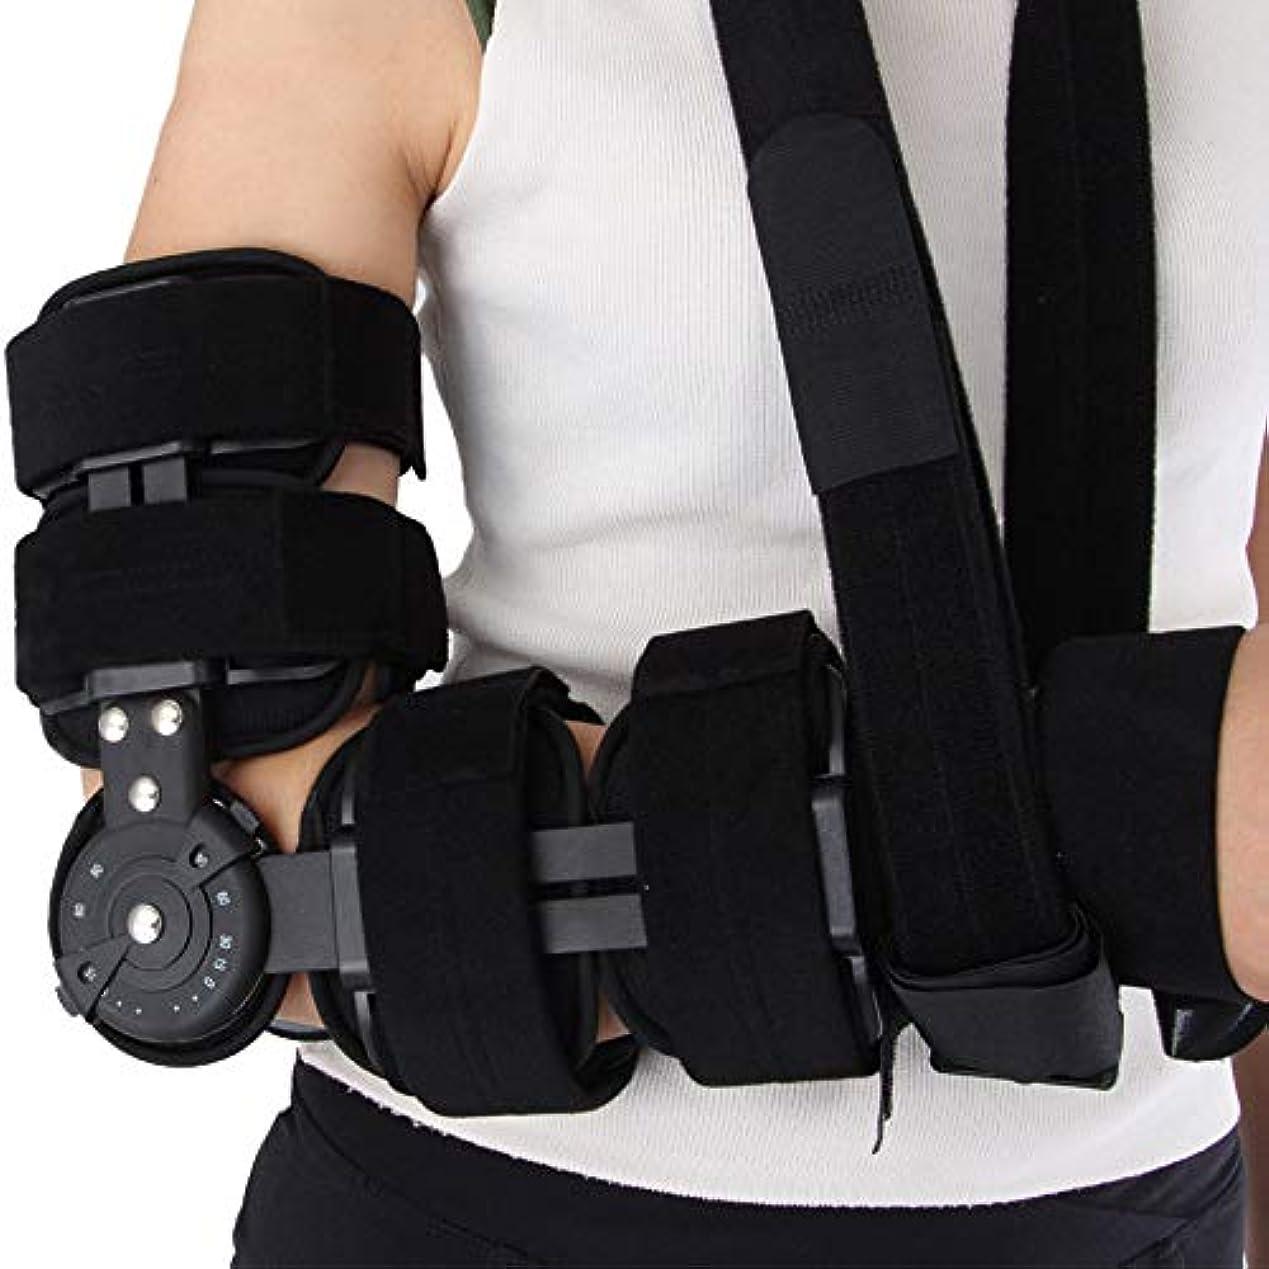 関節付き肘関節、調節可能サポートOP肘サポートスタビライザースプリントアーム傷害回復サポート - 術後傷害回復、装具調整可能な可動域